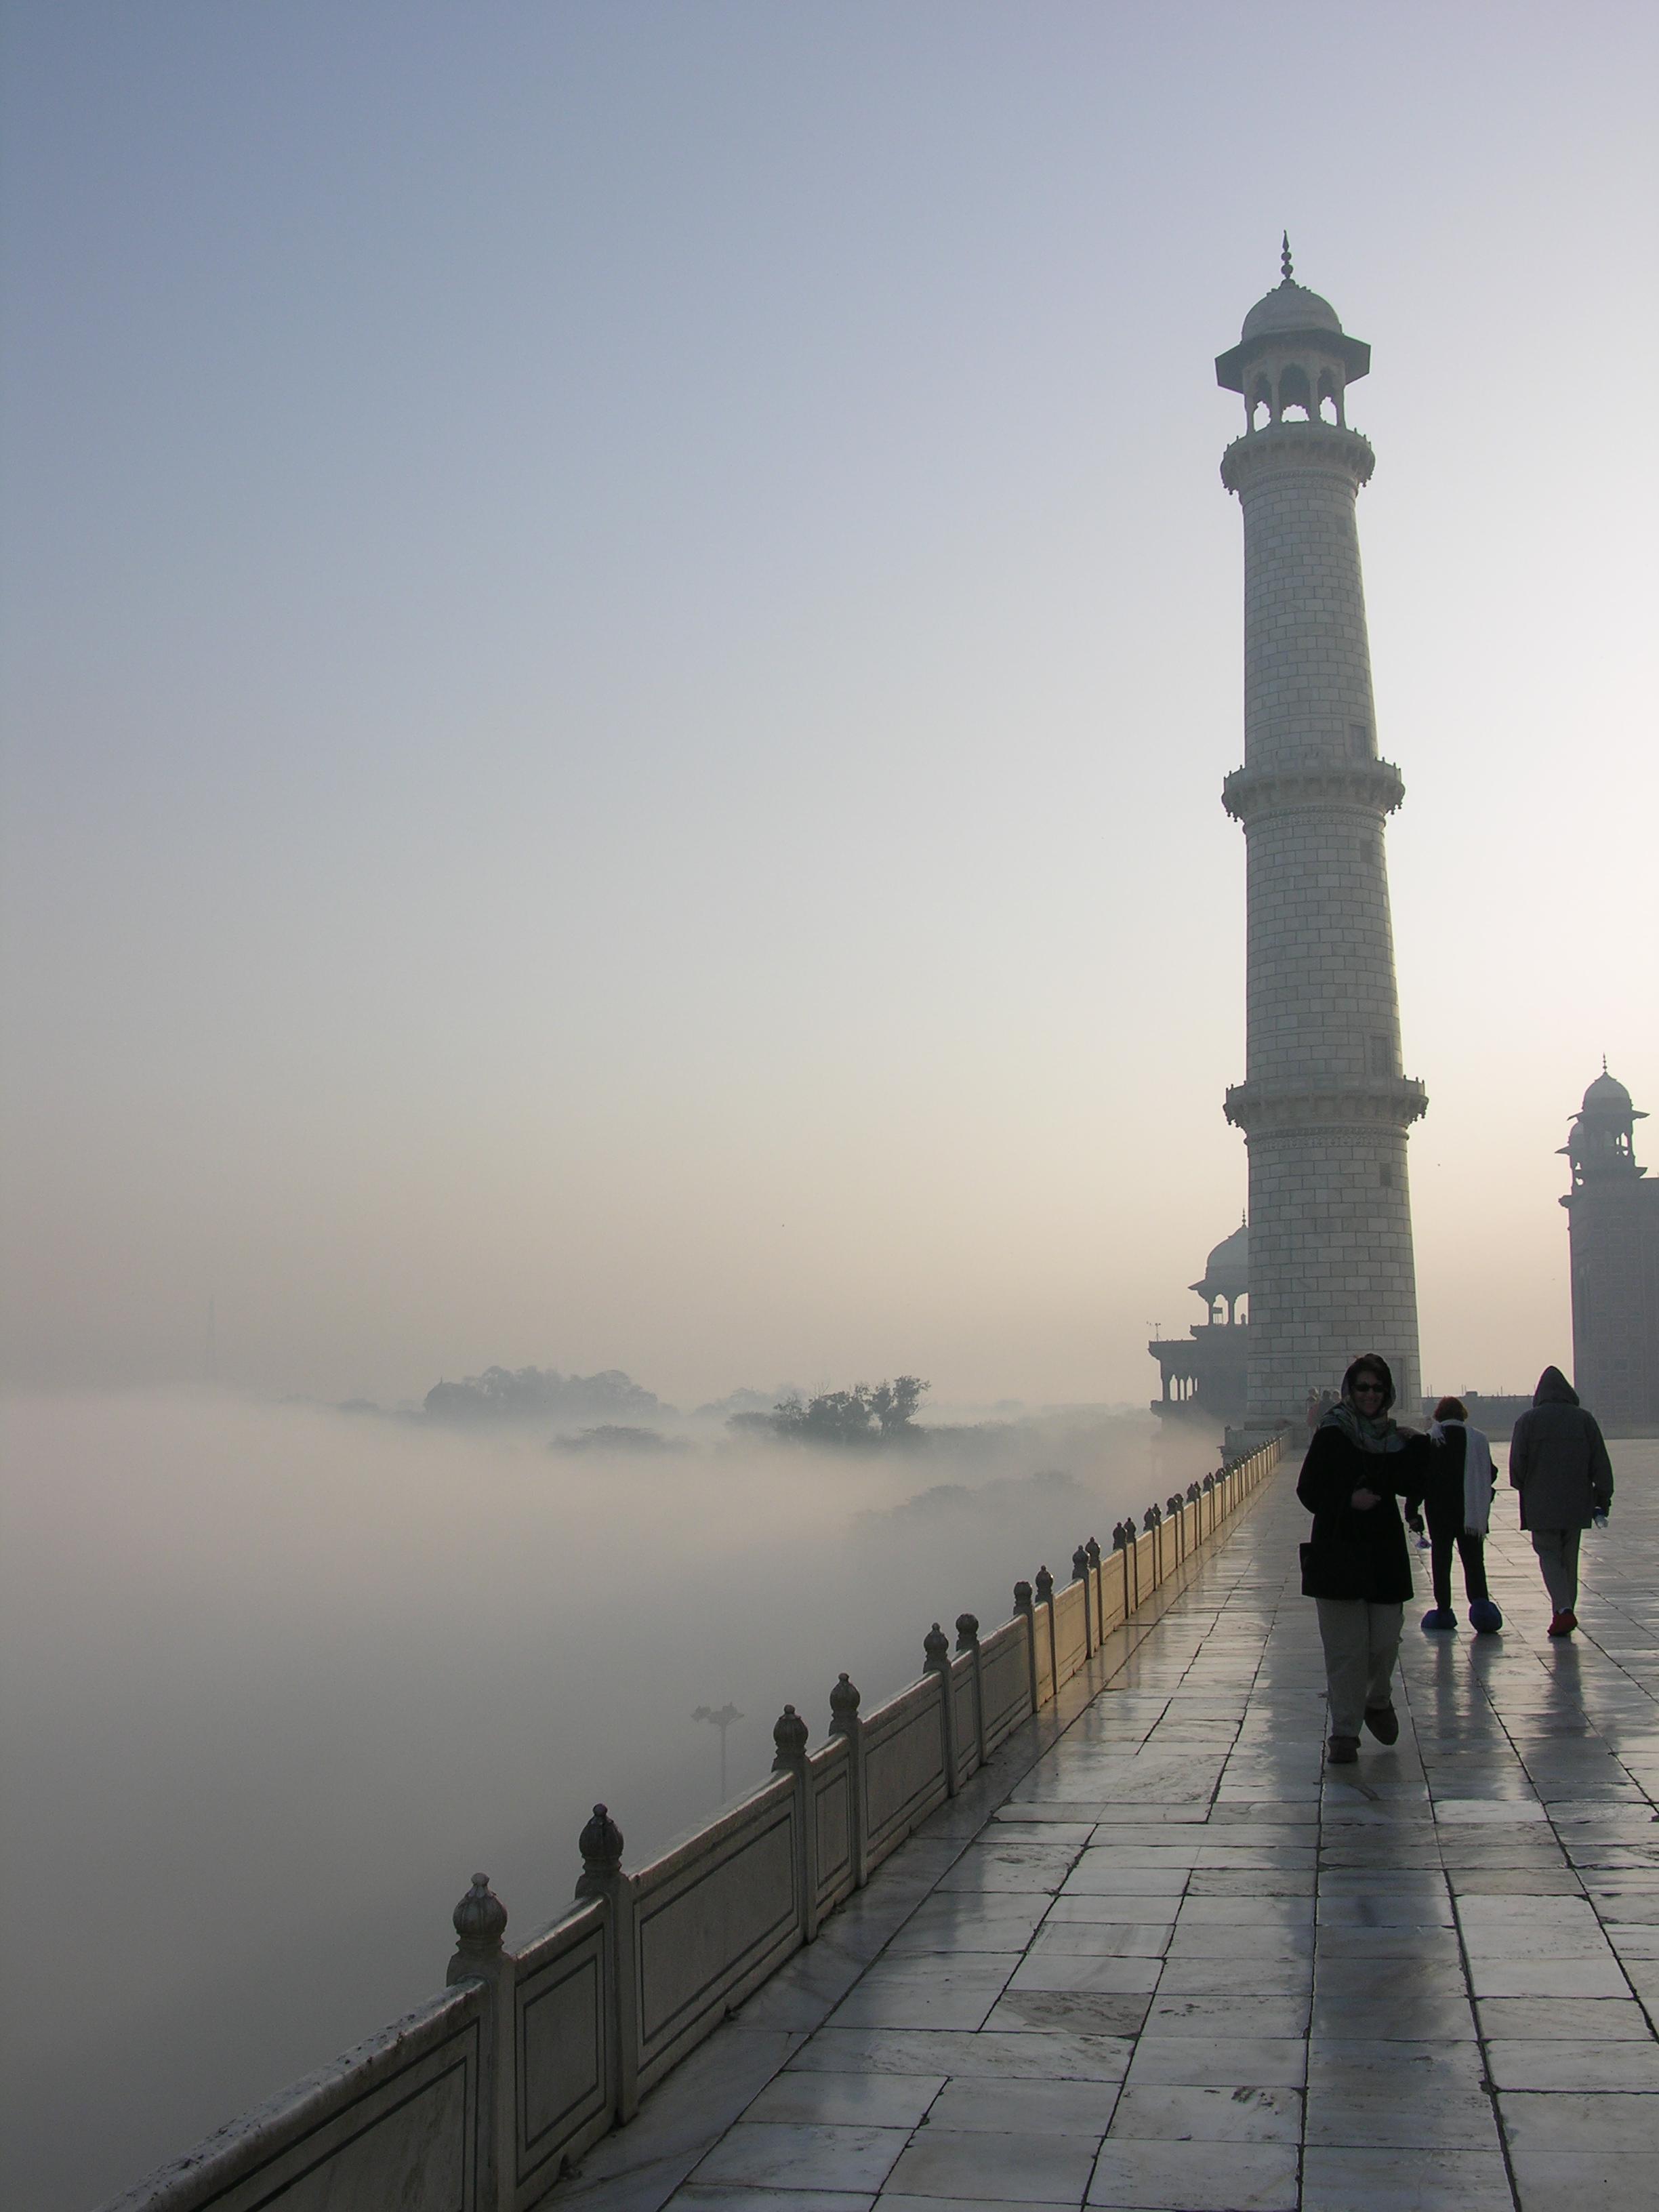 Mist at the Taj Photo credit: Sanjay Chatterji